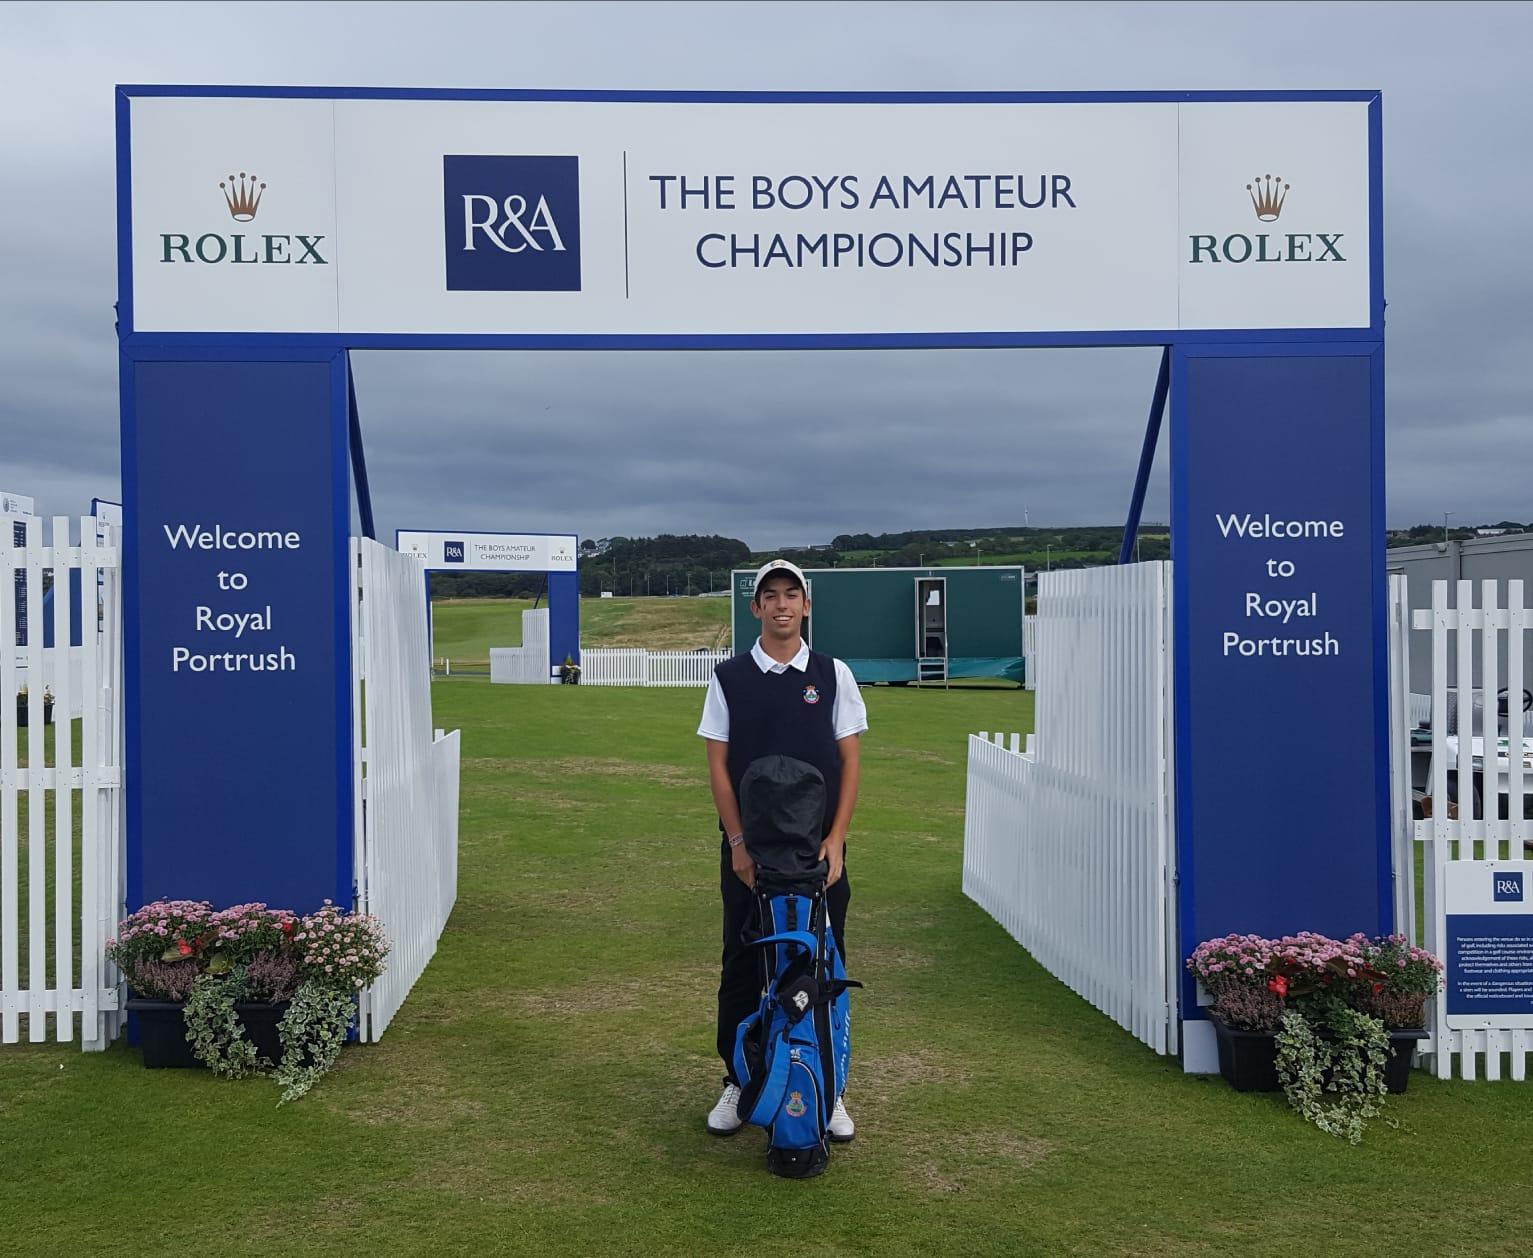 The Boys Amateur Championship 2018